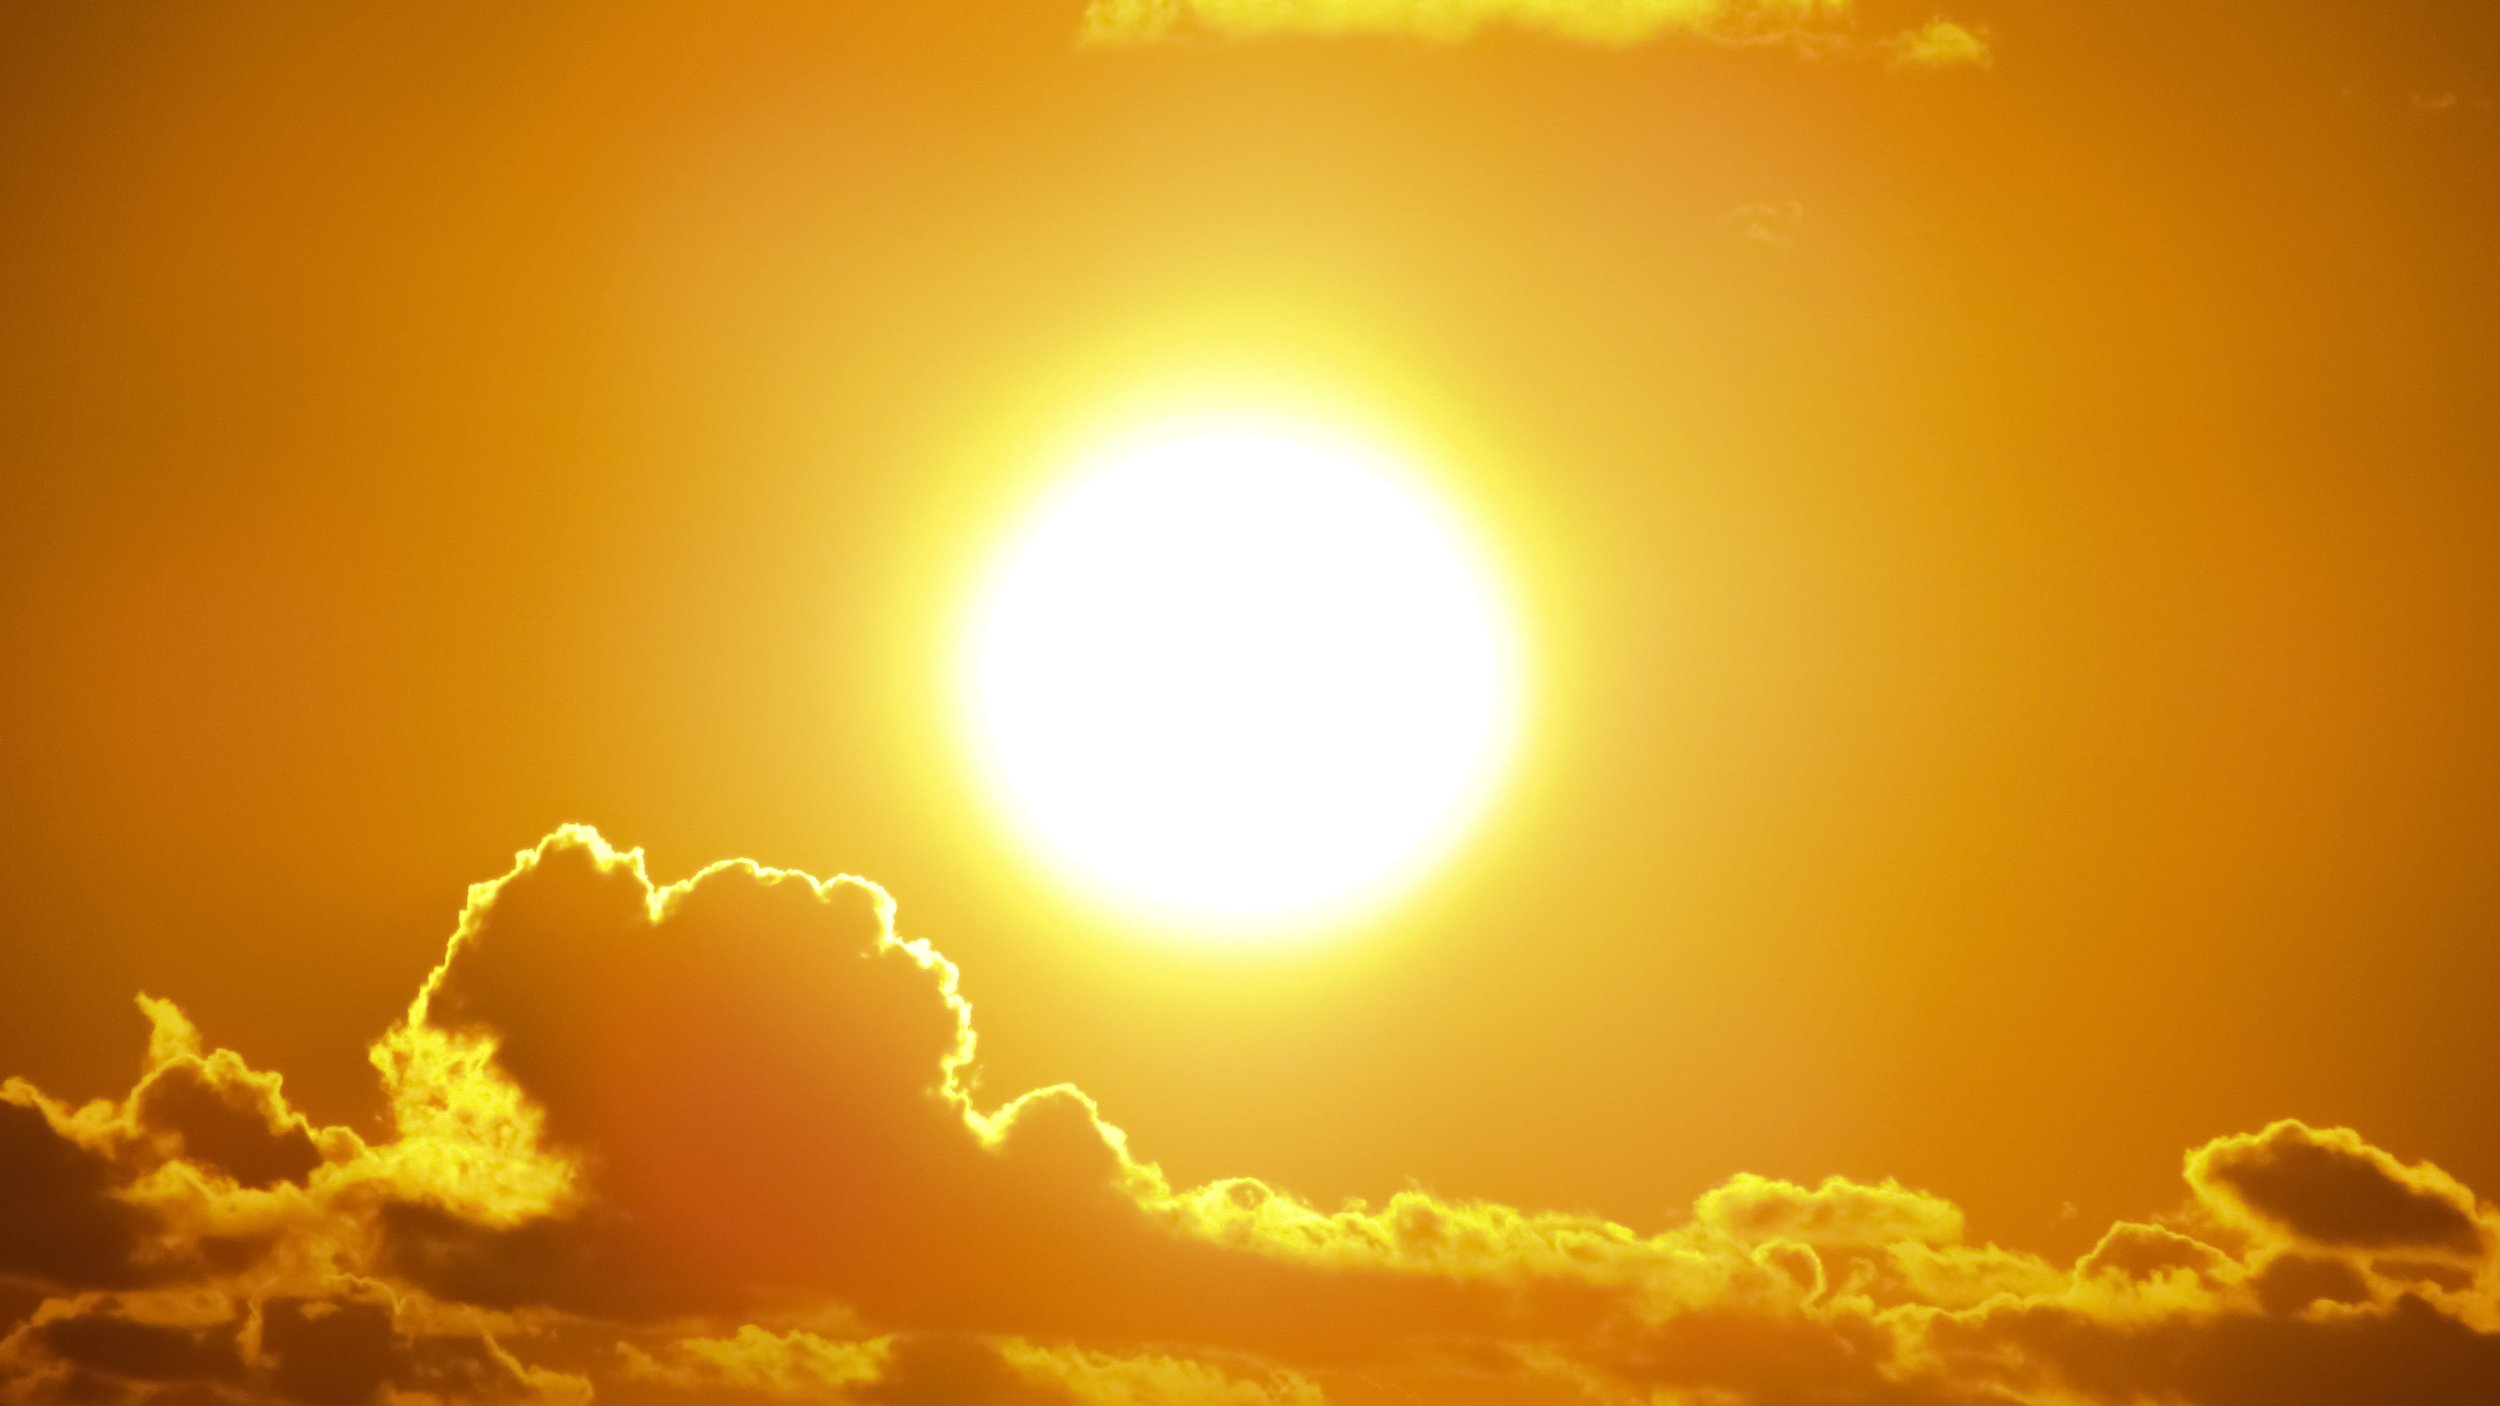 Sunlight vitaminD